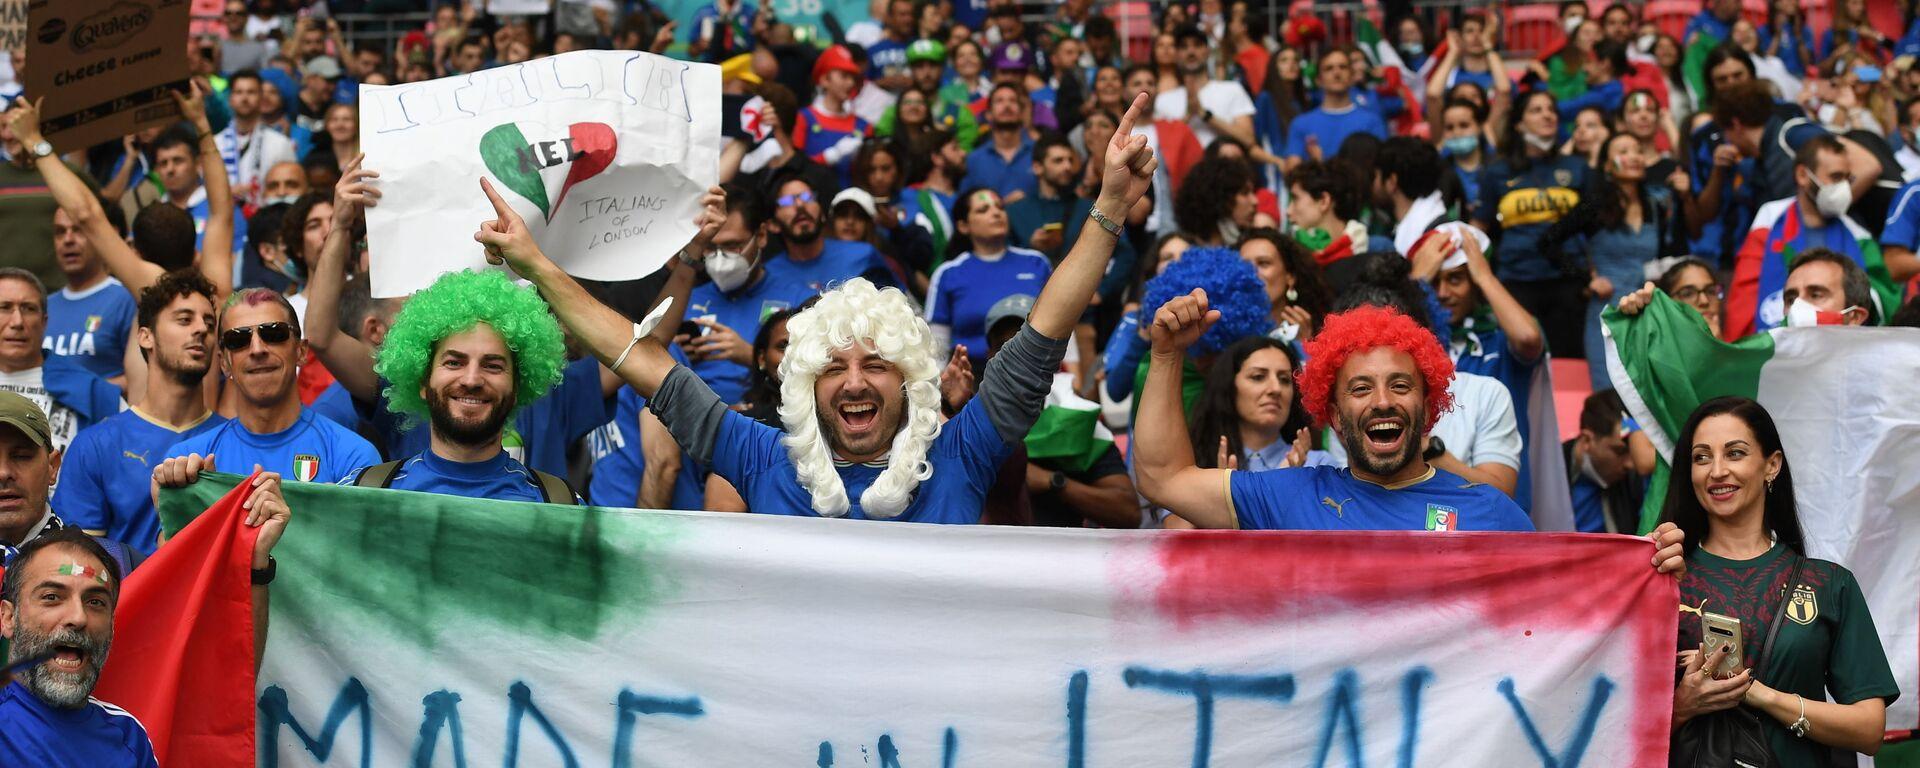 Итальянские болельщики приветствуют финальный матч Евро-202 - Sputnik Italia, 1920, 21.08.2021